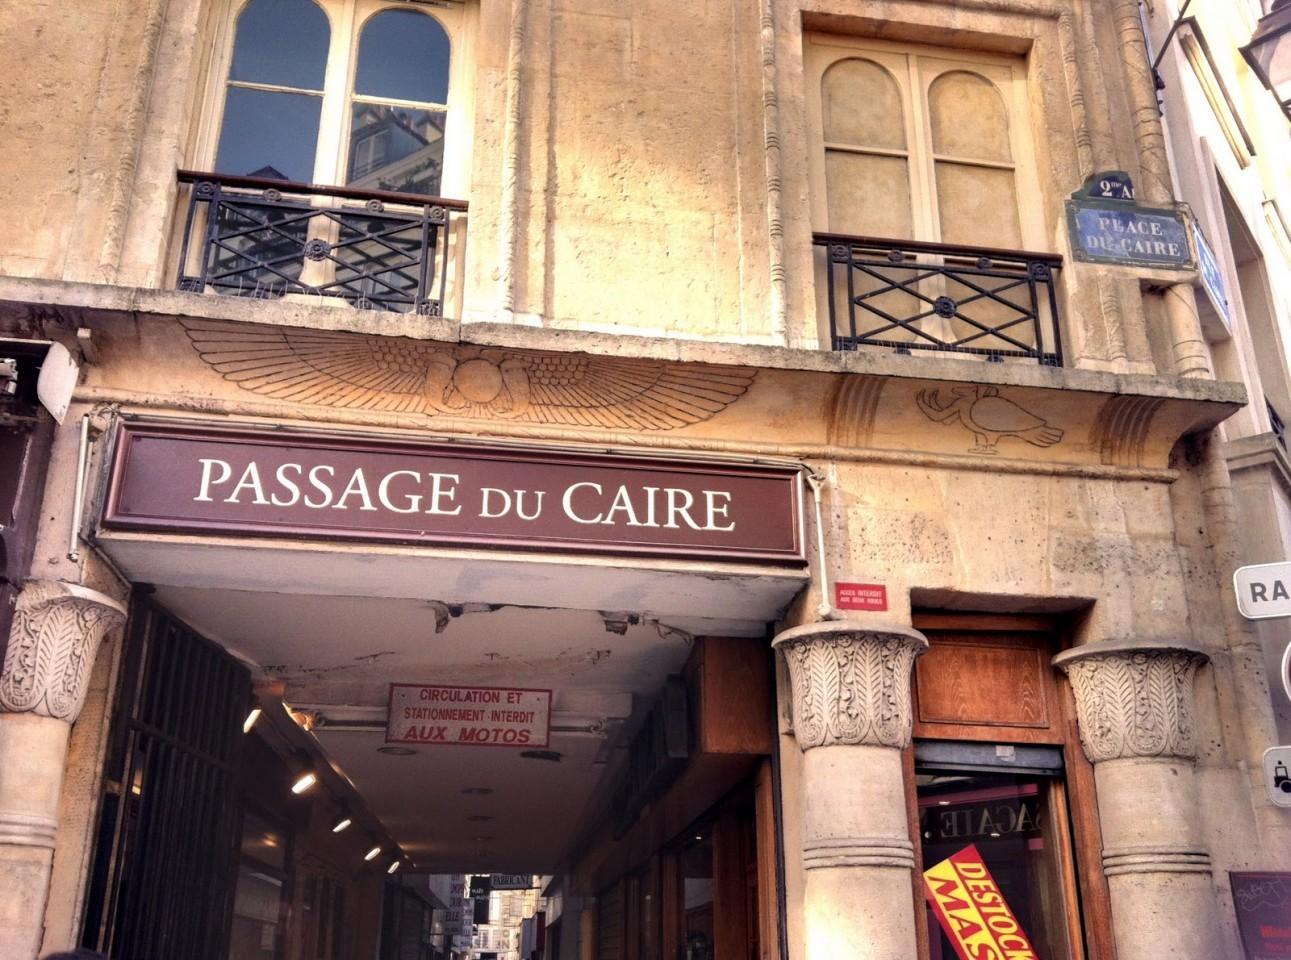 Passage du Caire di Parigi - Scopri i più bei passages couverts di Parigi